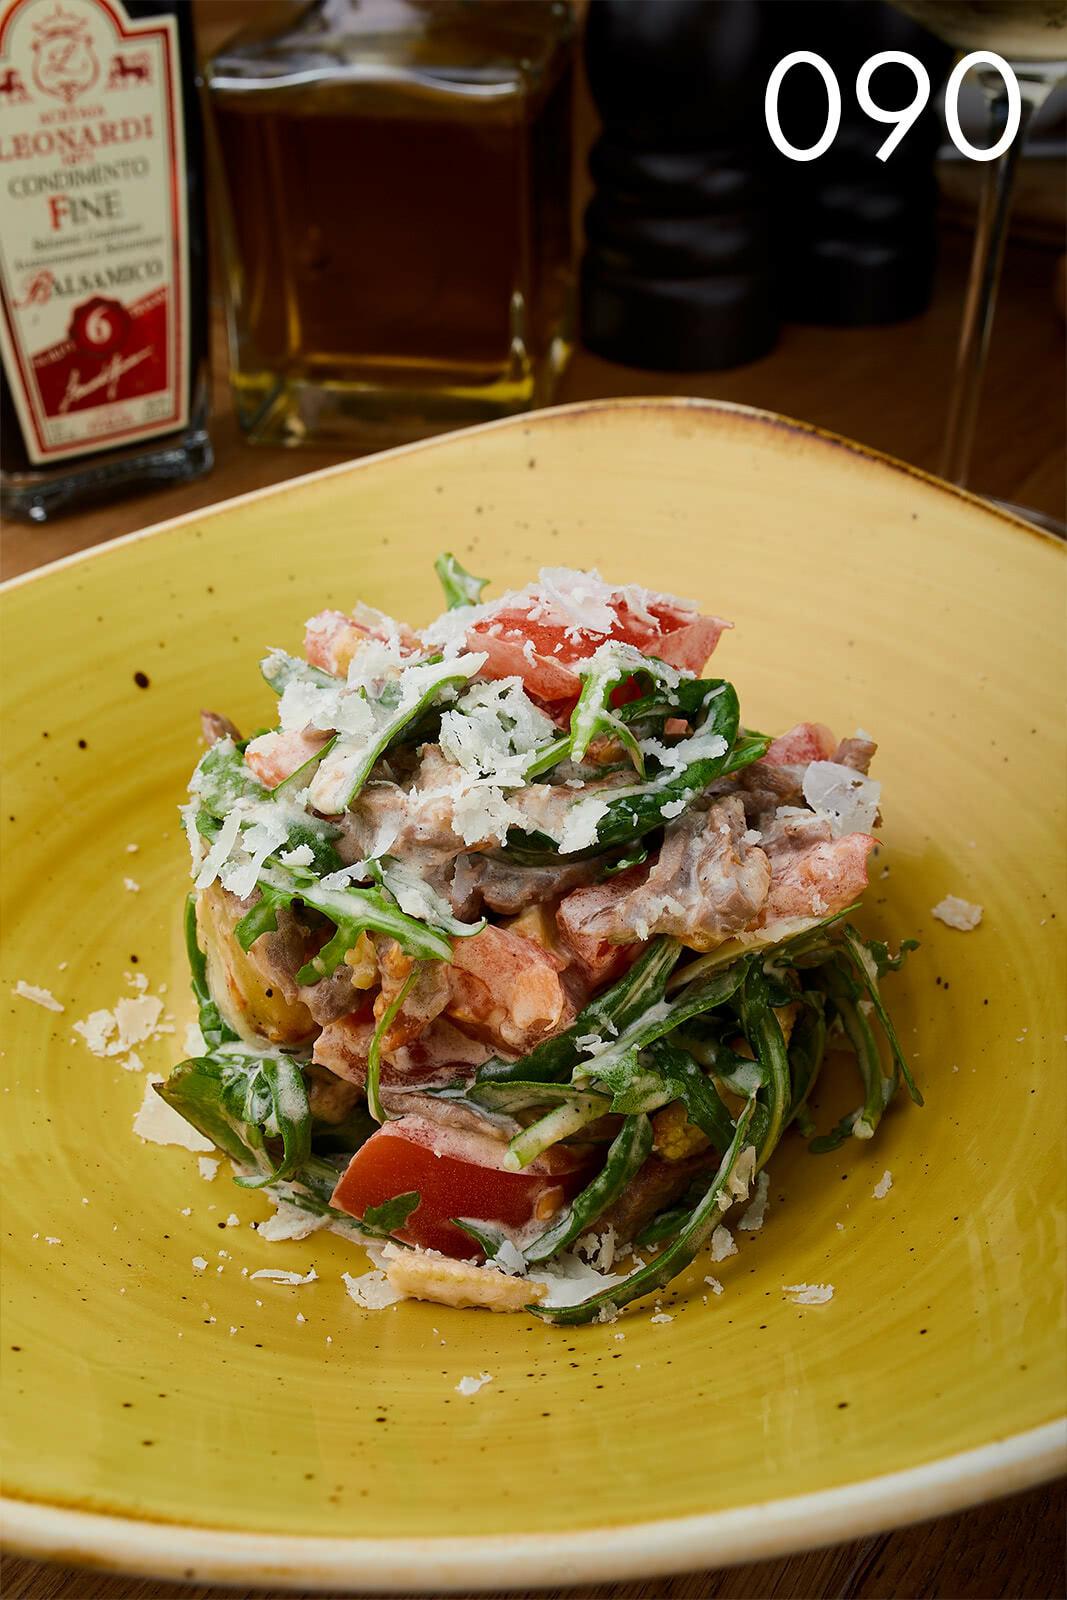 салат с теплой телятиной и беби-овощами в луковом соусе в ресторане Веранда